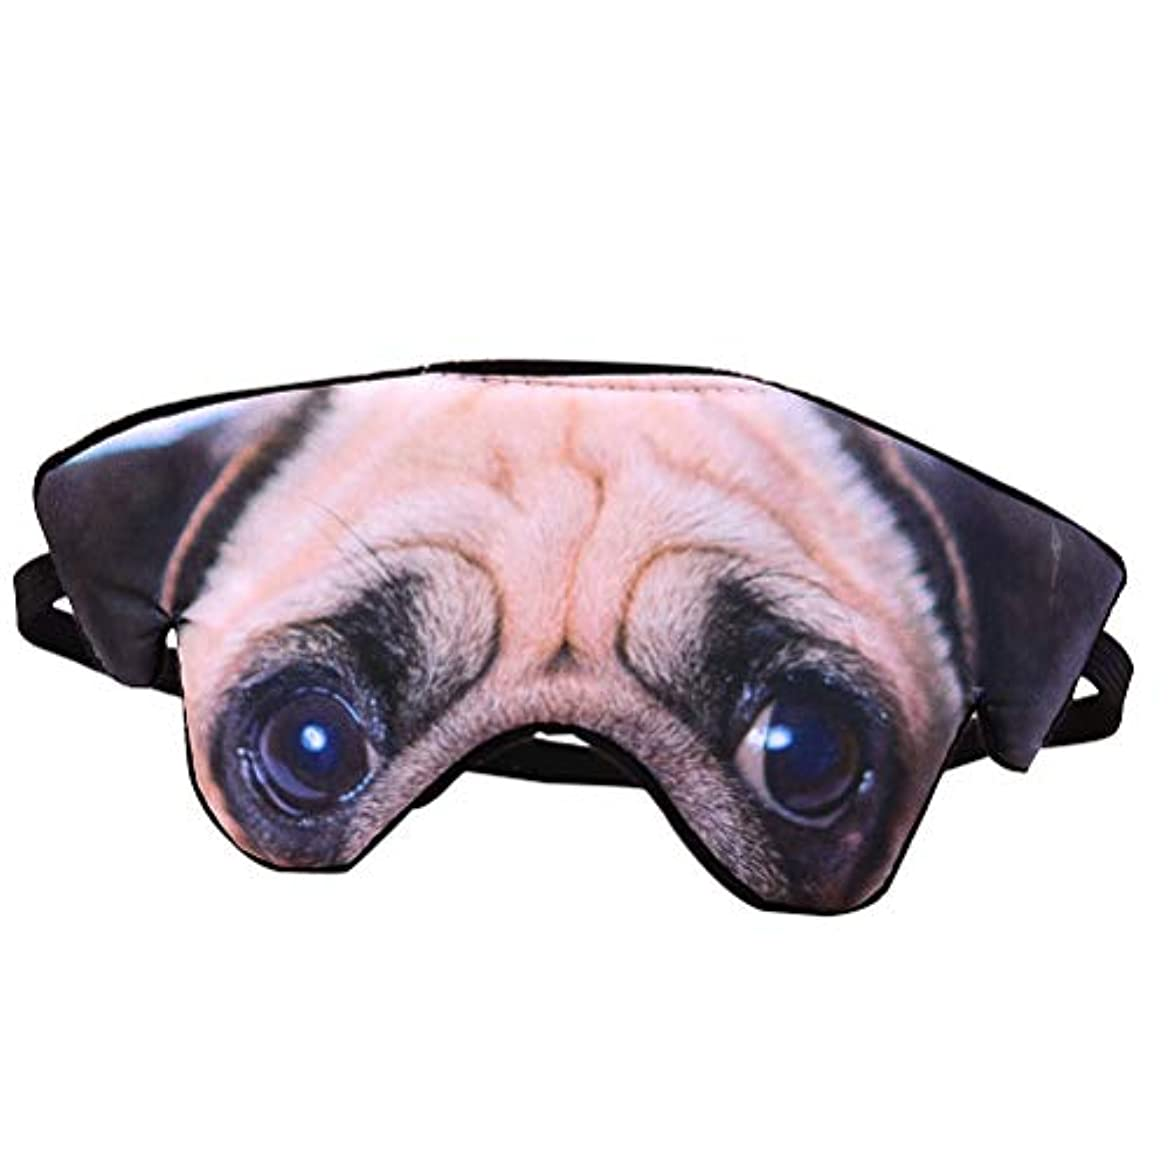 発生たとえワゴンHealifty 3Dアイマスクシェードナップカバー目隠しレストエイド疲労アイパッドスリープゴーグル(Pug)